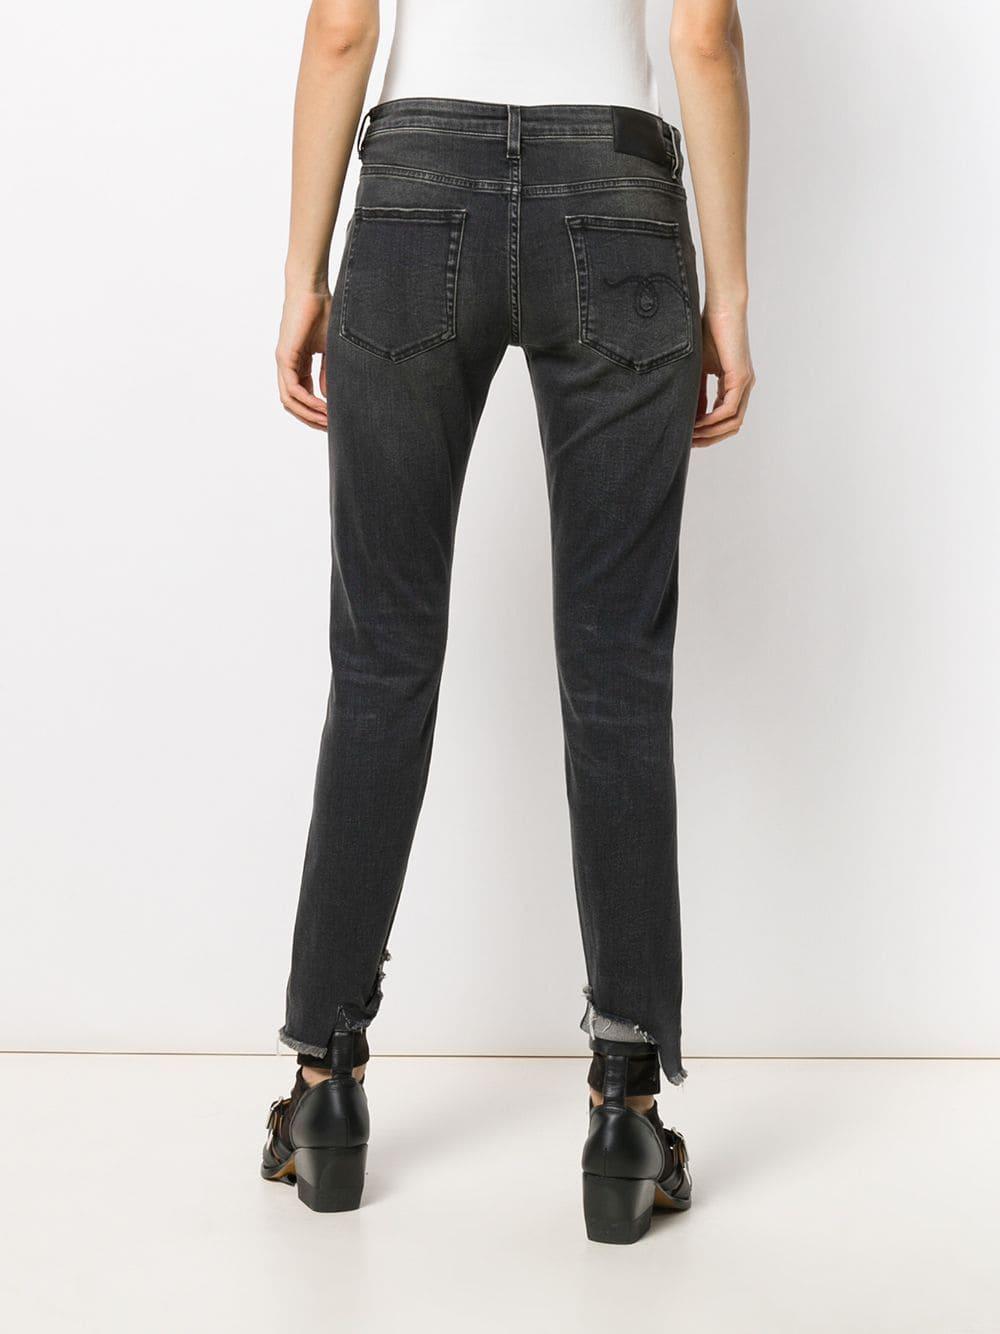 Pantalones con detalles rasgados R13 de Algodón de color Gris